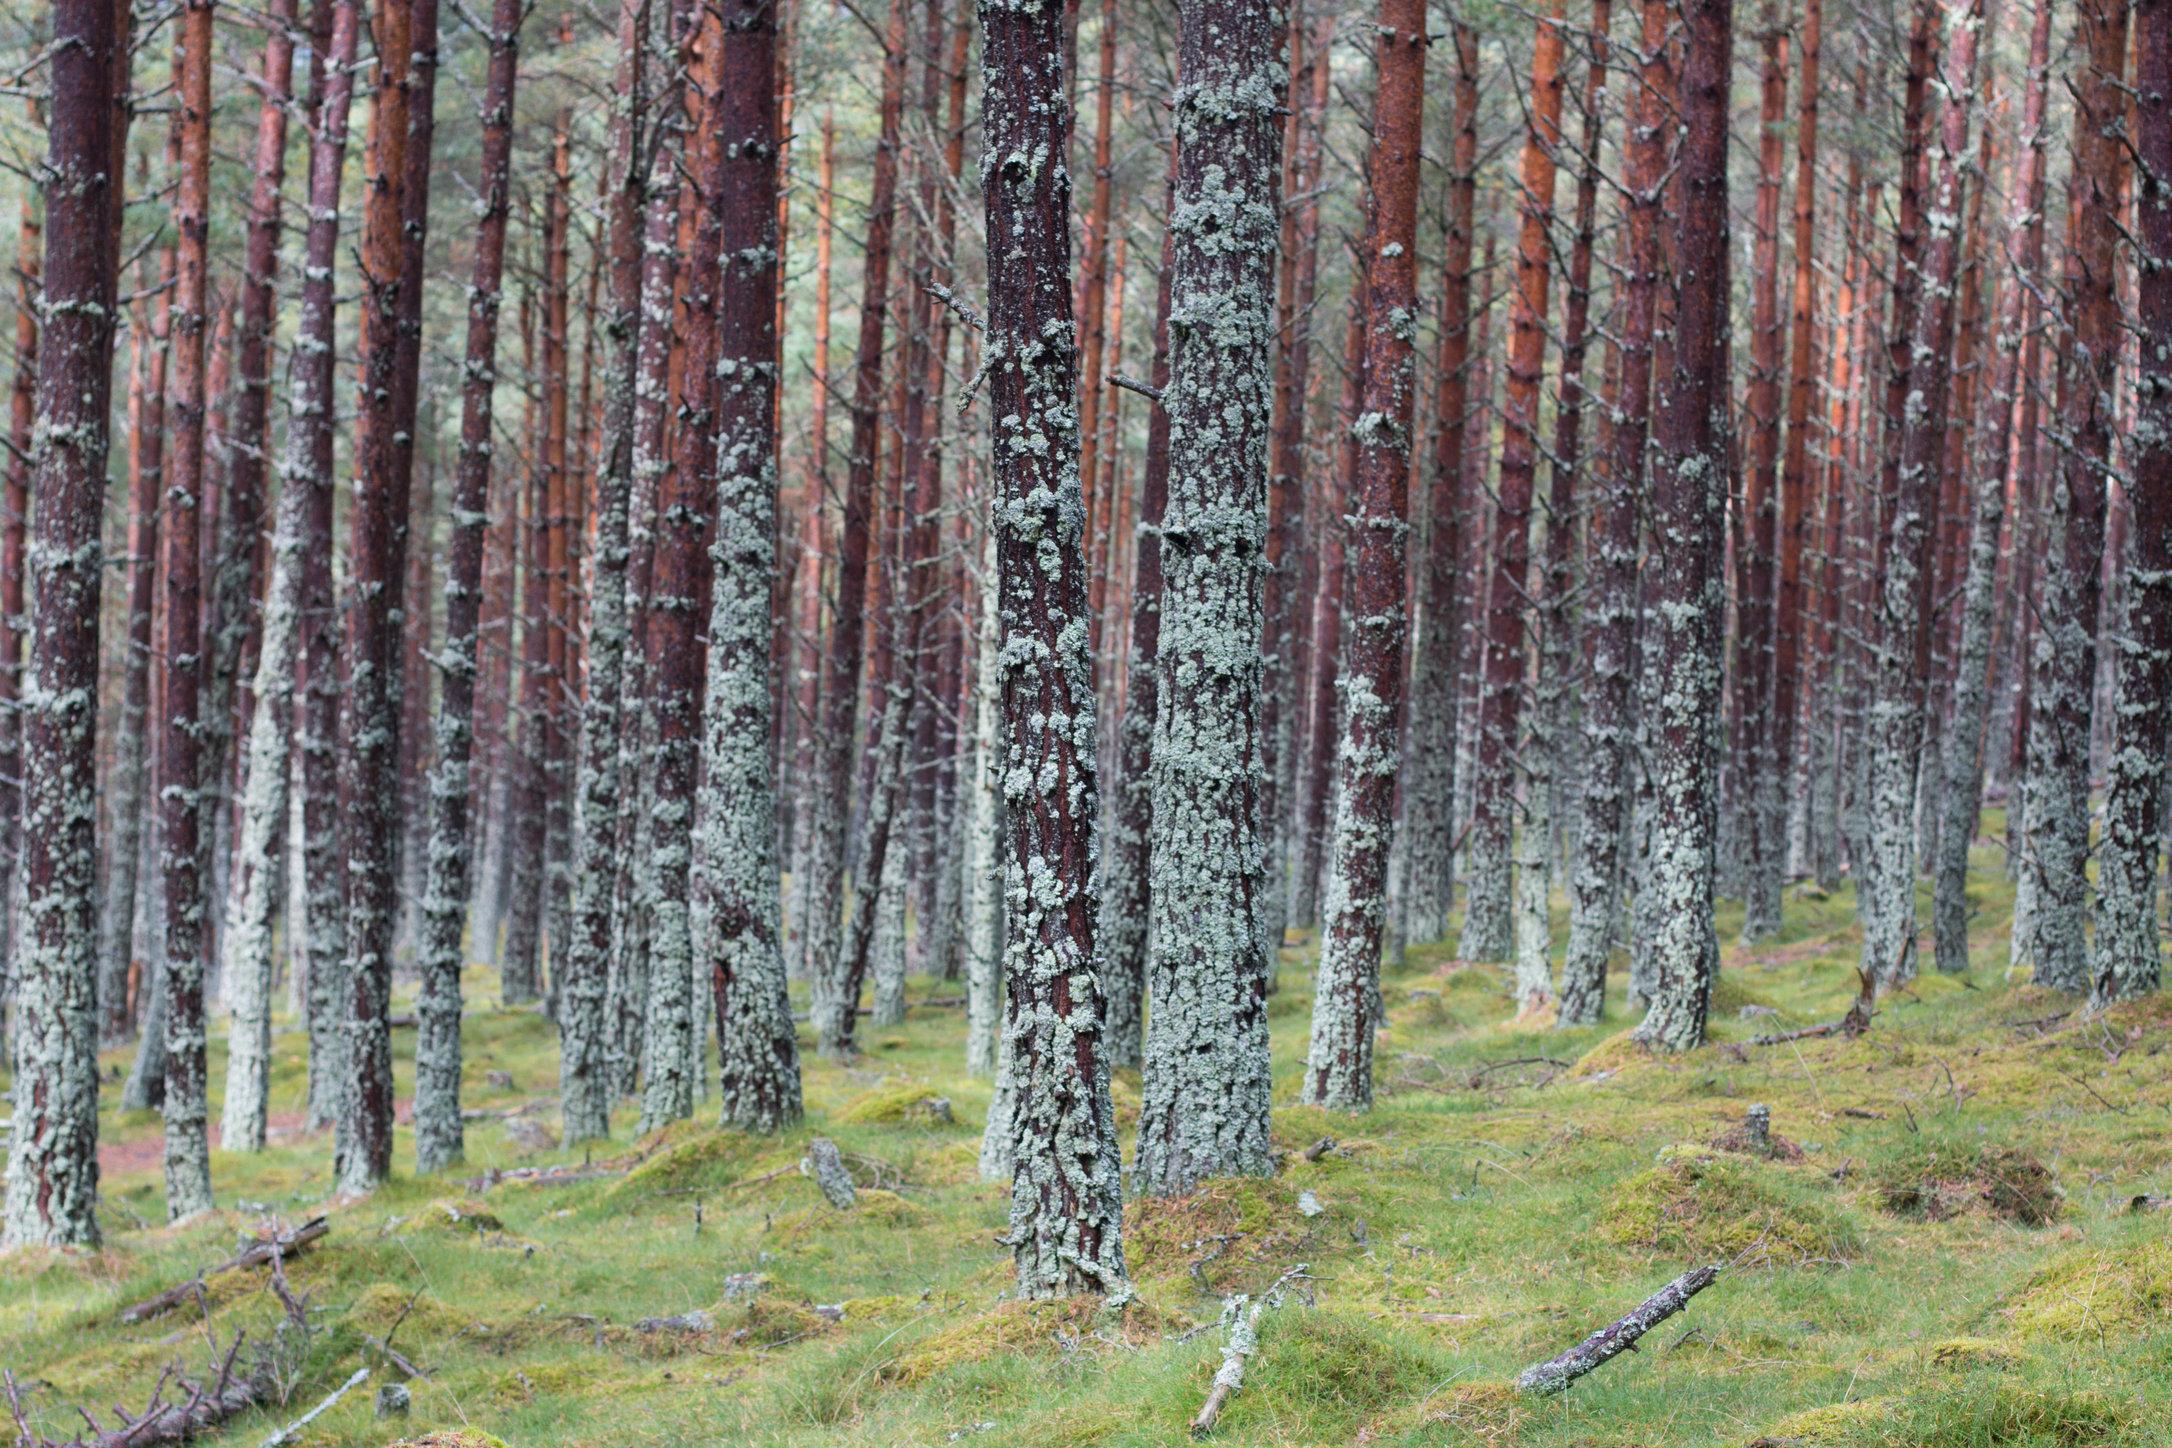 Braemar trees_6213841839_o.jpg